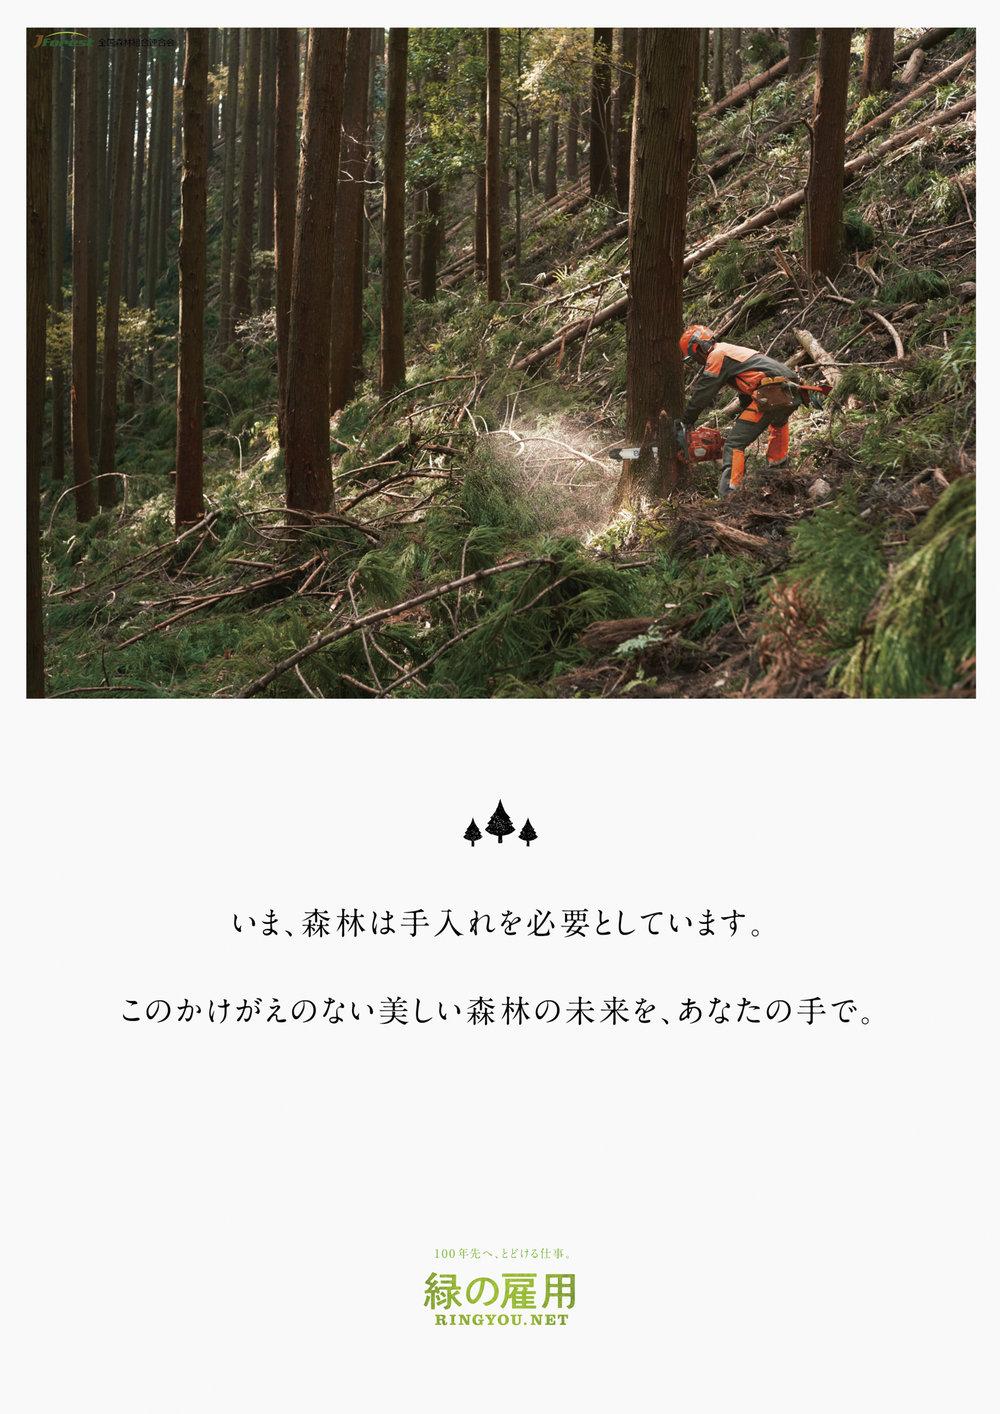 MIDORI_B1-09.jpg